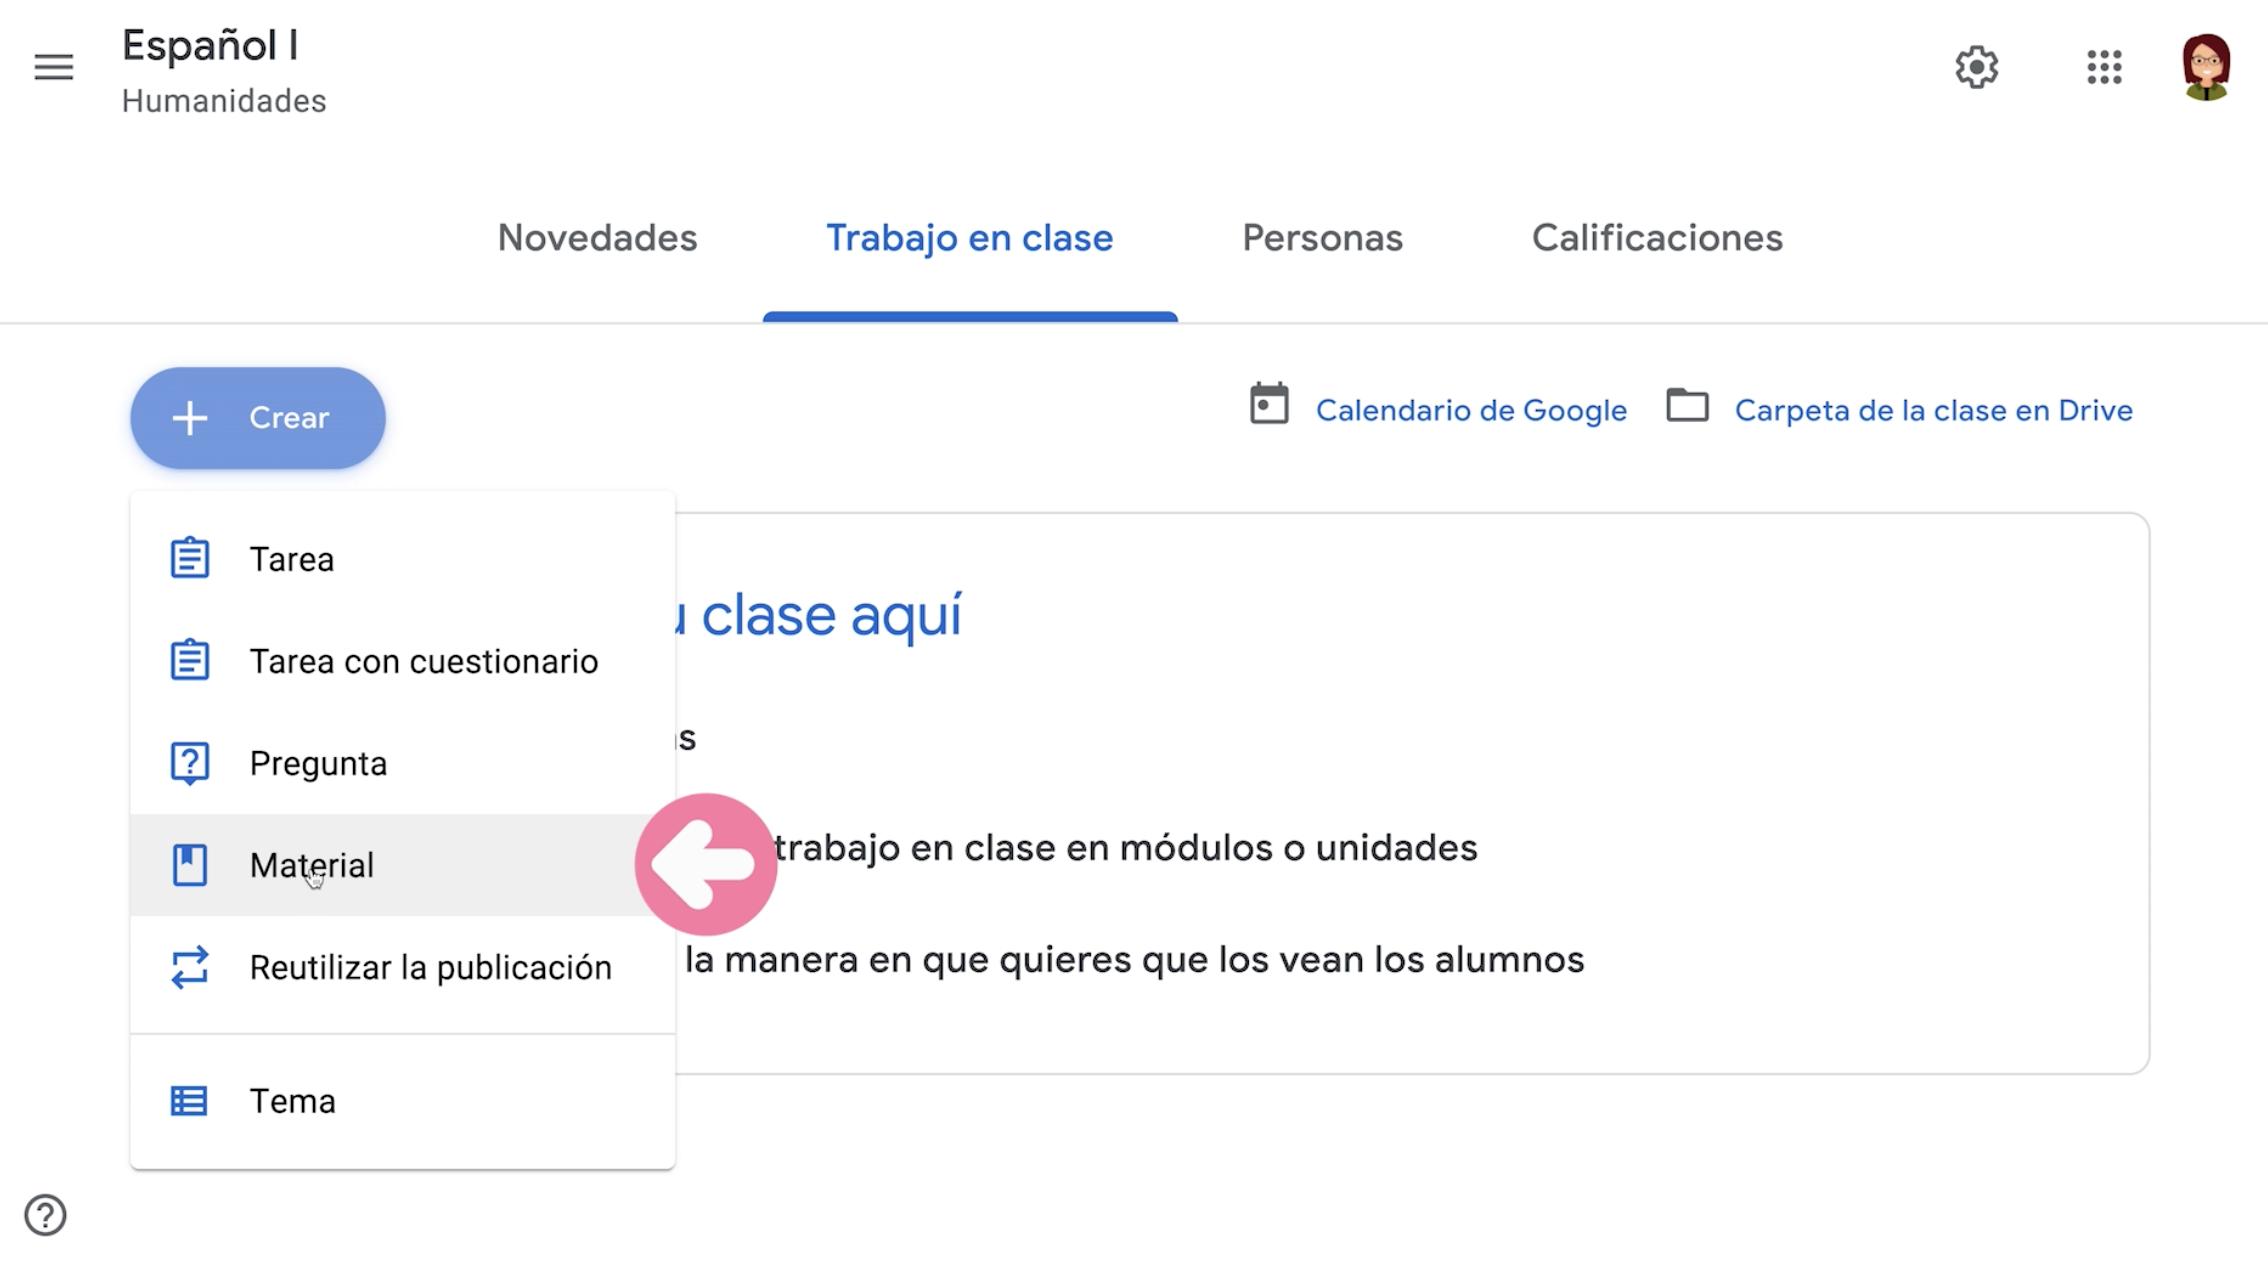 Hacer clic en opción Material para generar material de clase en Google Classroom